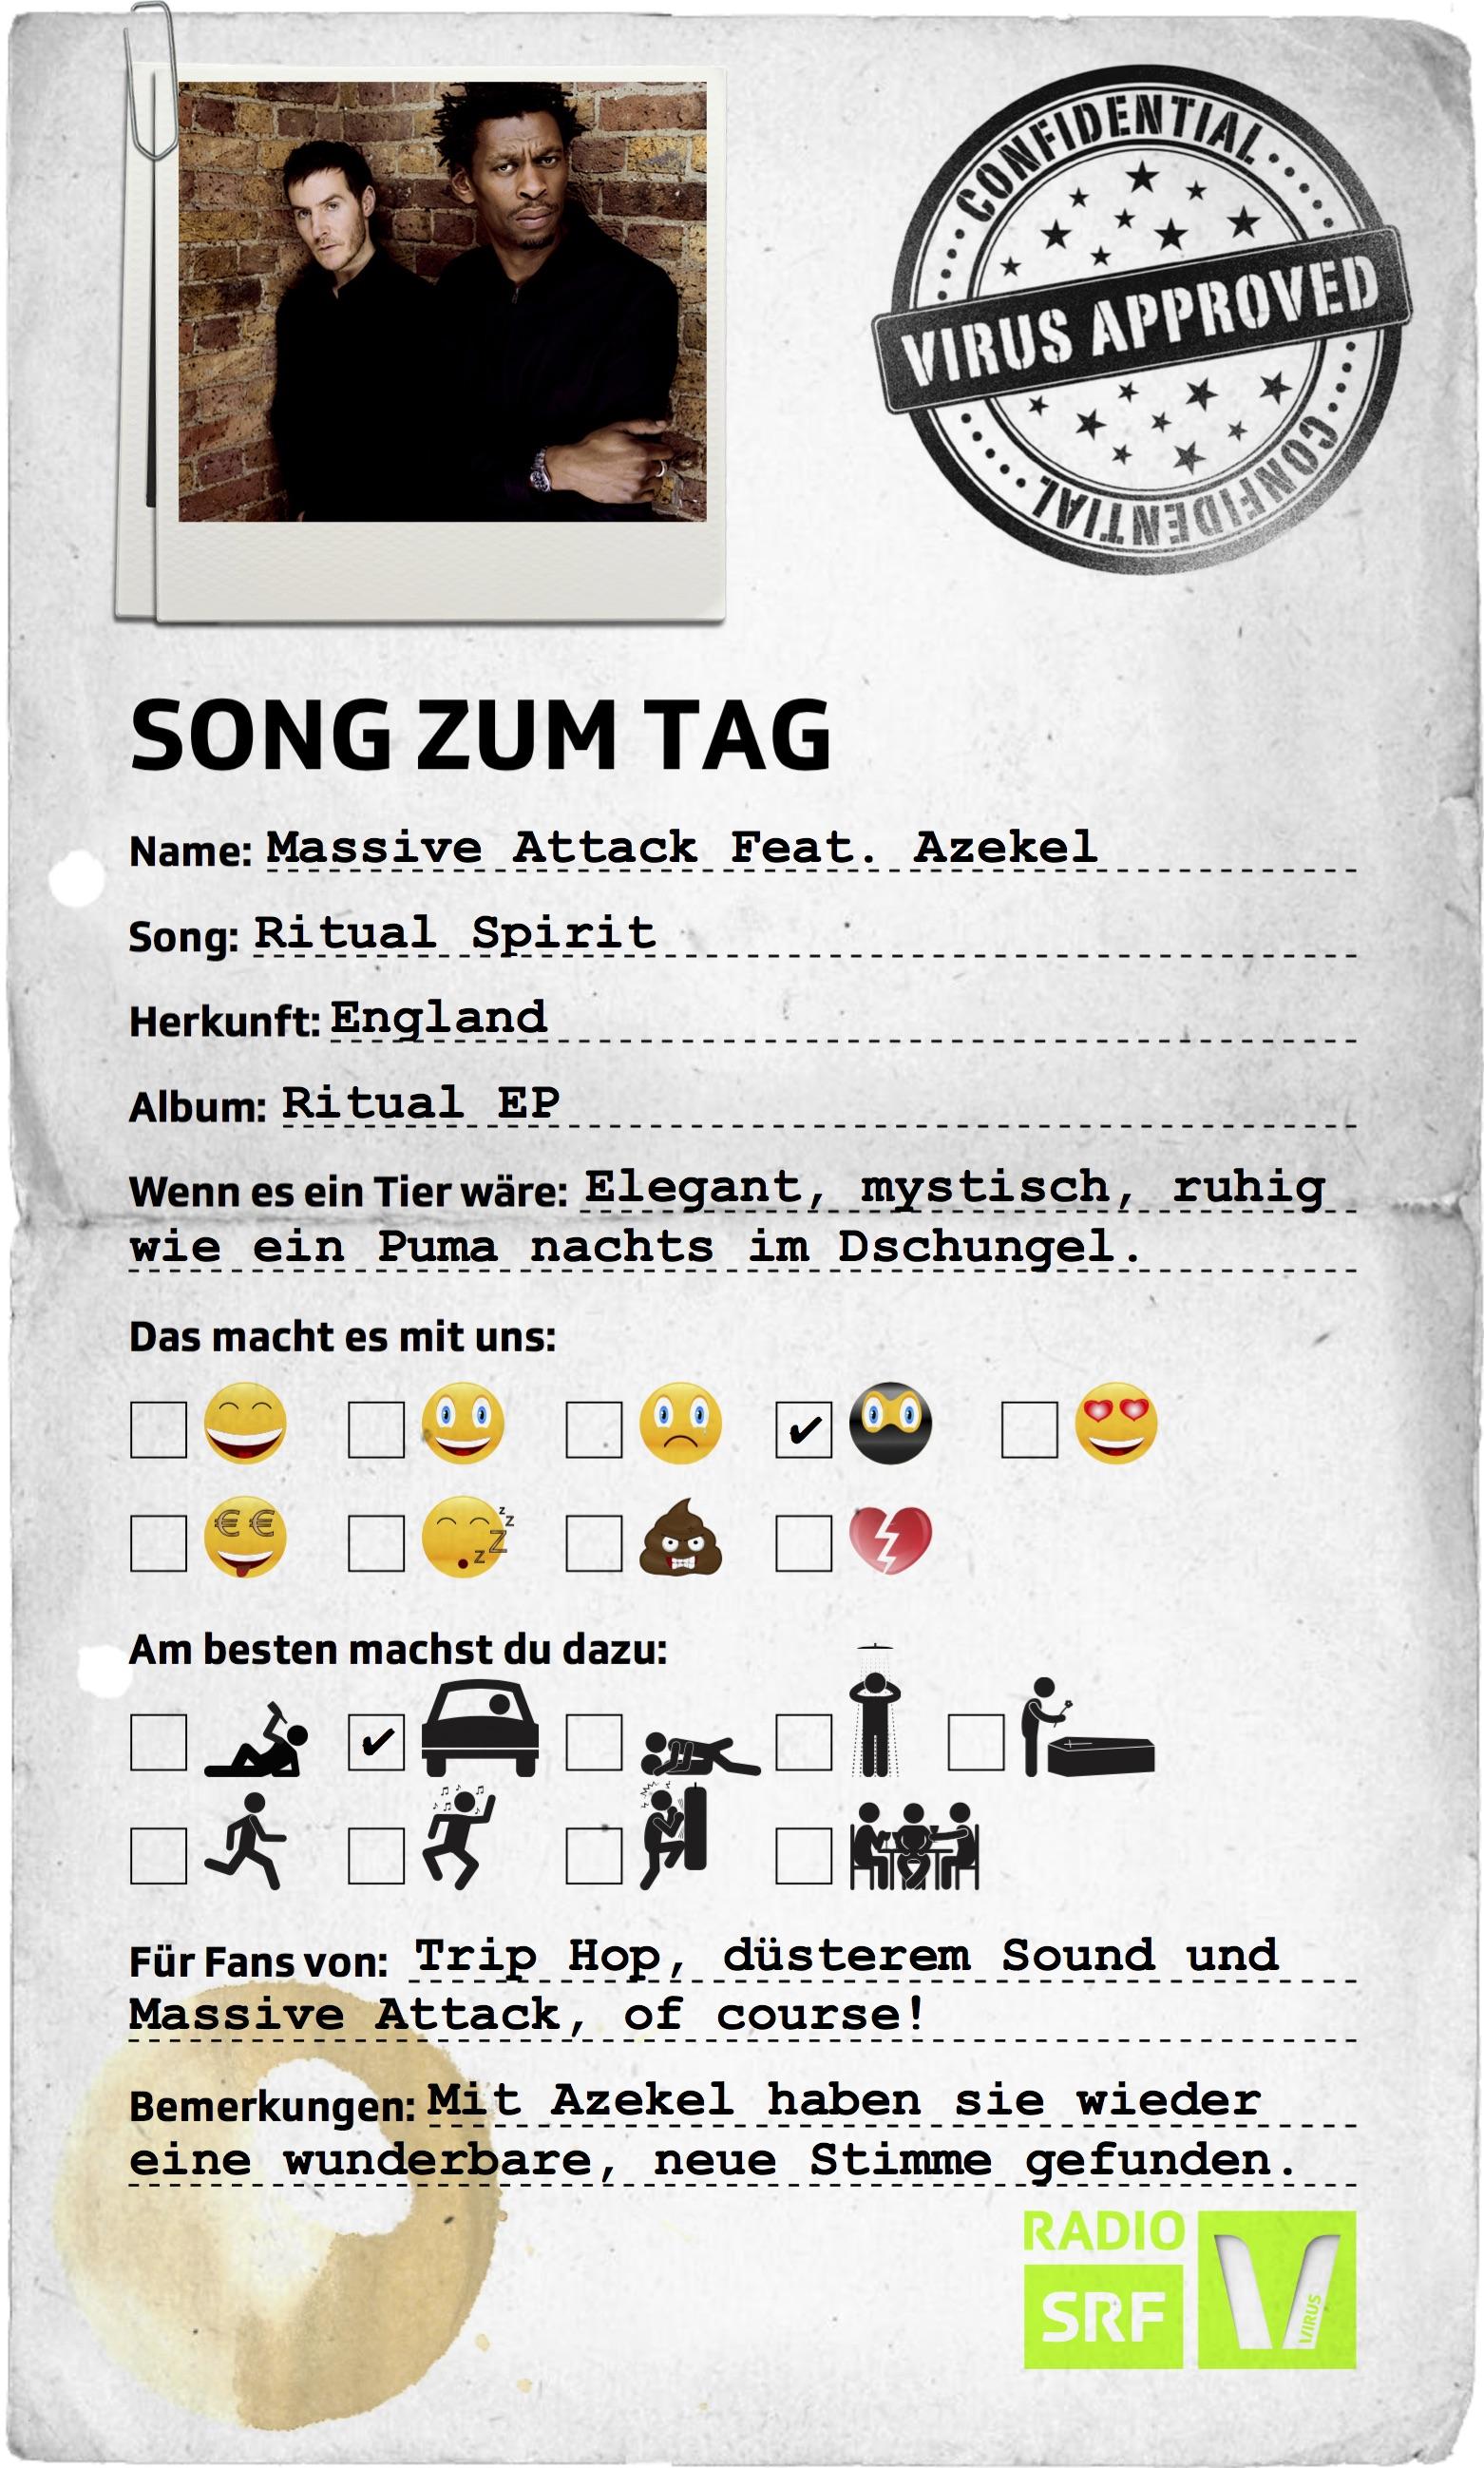 """SzT_Massive Attack Feat. Azekel _Ritual Spirit Kopie""""></div></div></div><p>Alle Tracks, die wir neu spielen, findest du in unserer <a href="""